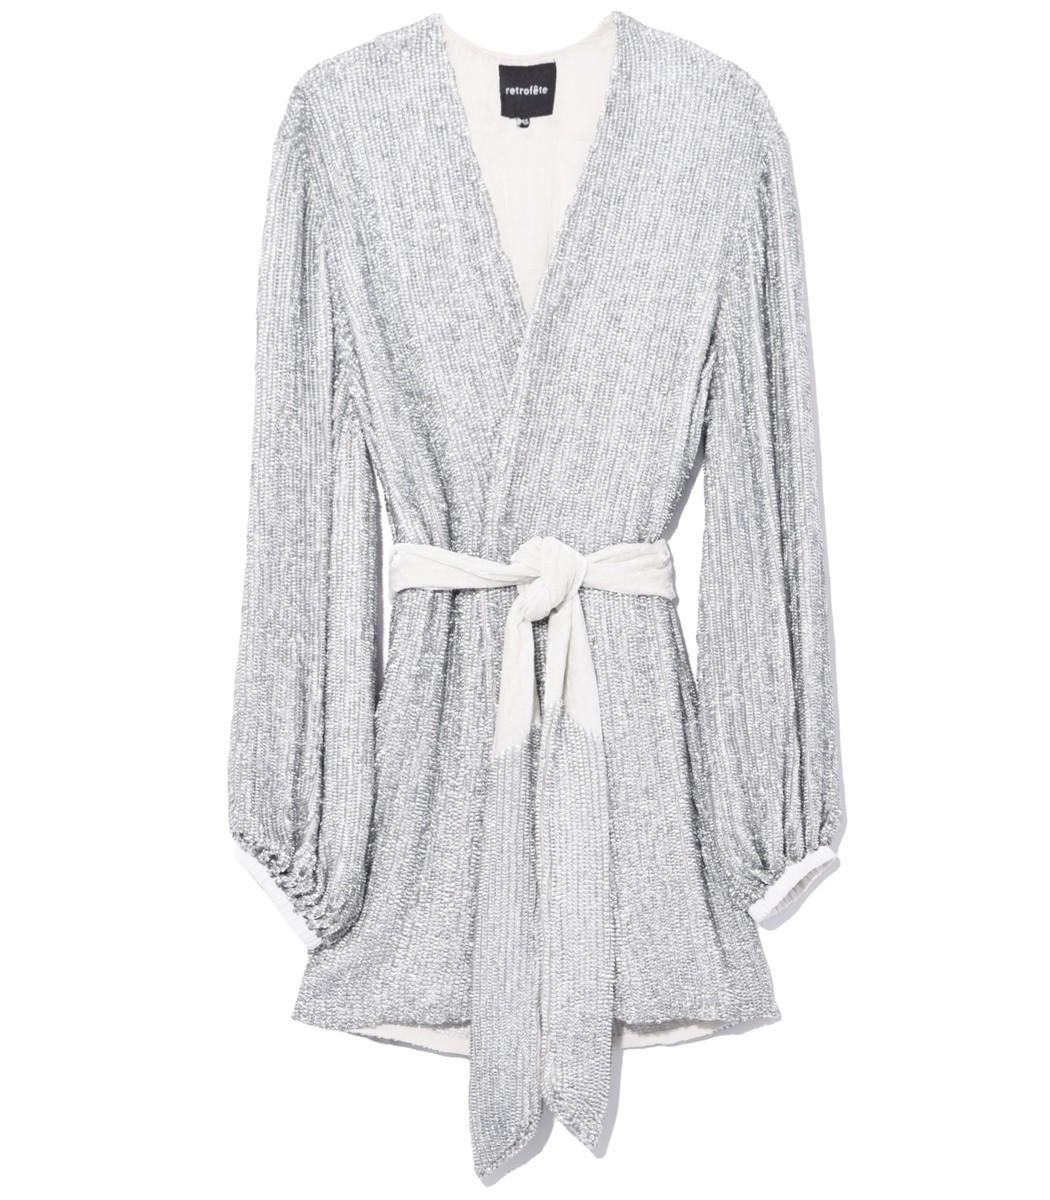 c57cdc8e Home / Retrofete / Gabrielle Robe Dress in Silver. prev